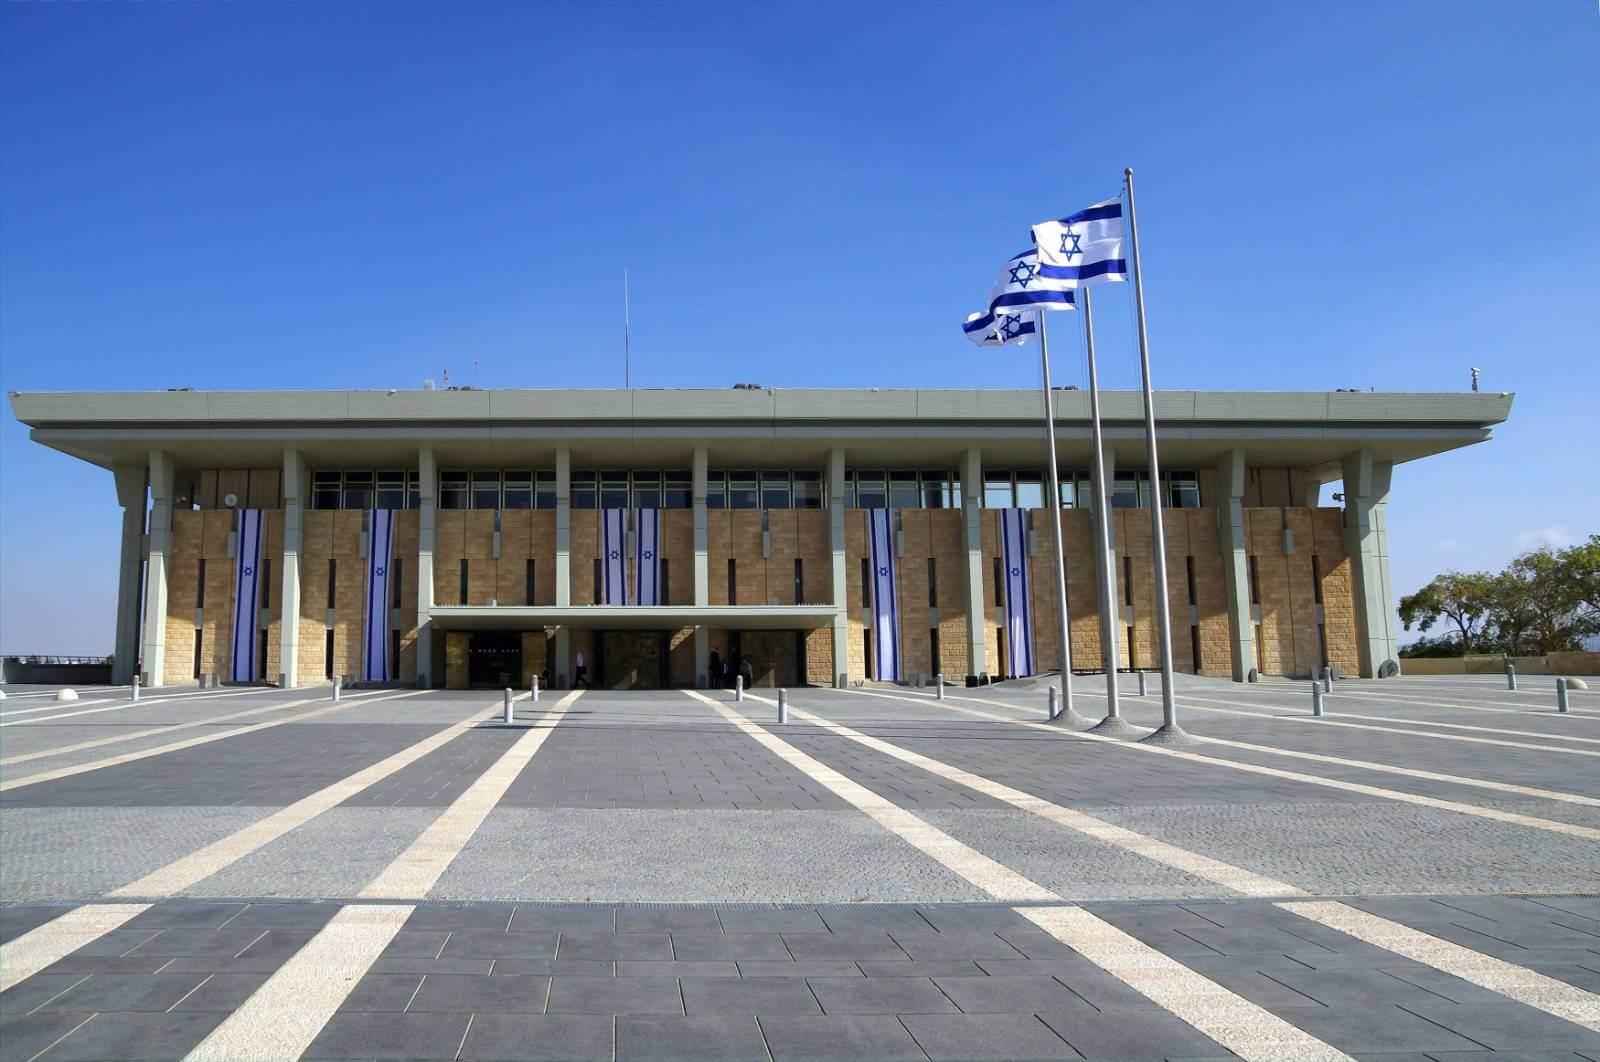 עישון וחקיקה במדינת ישראל